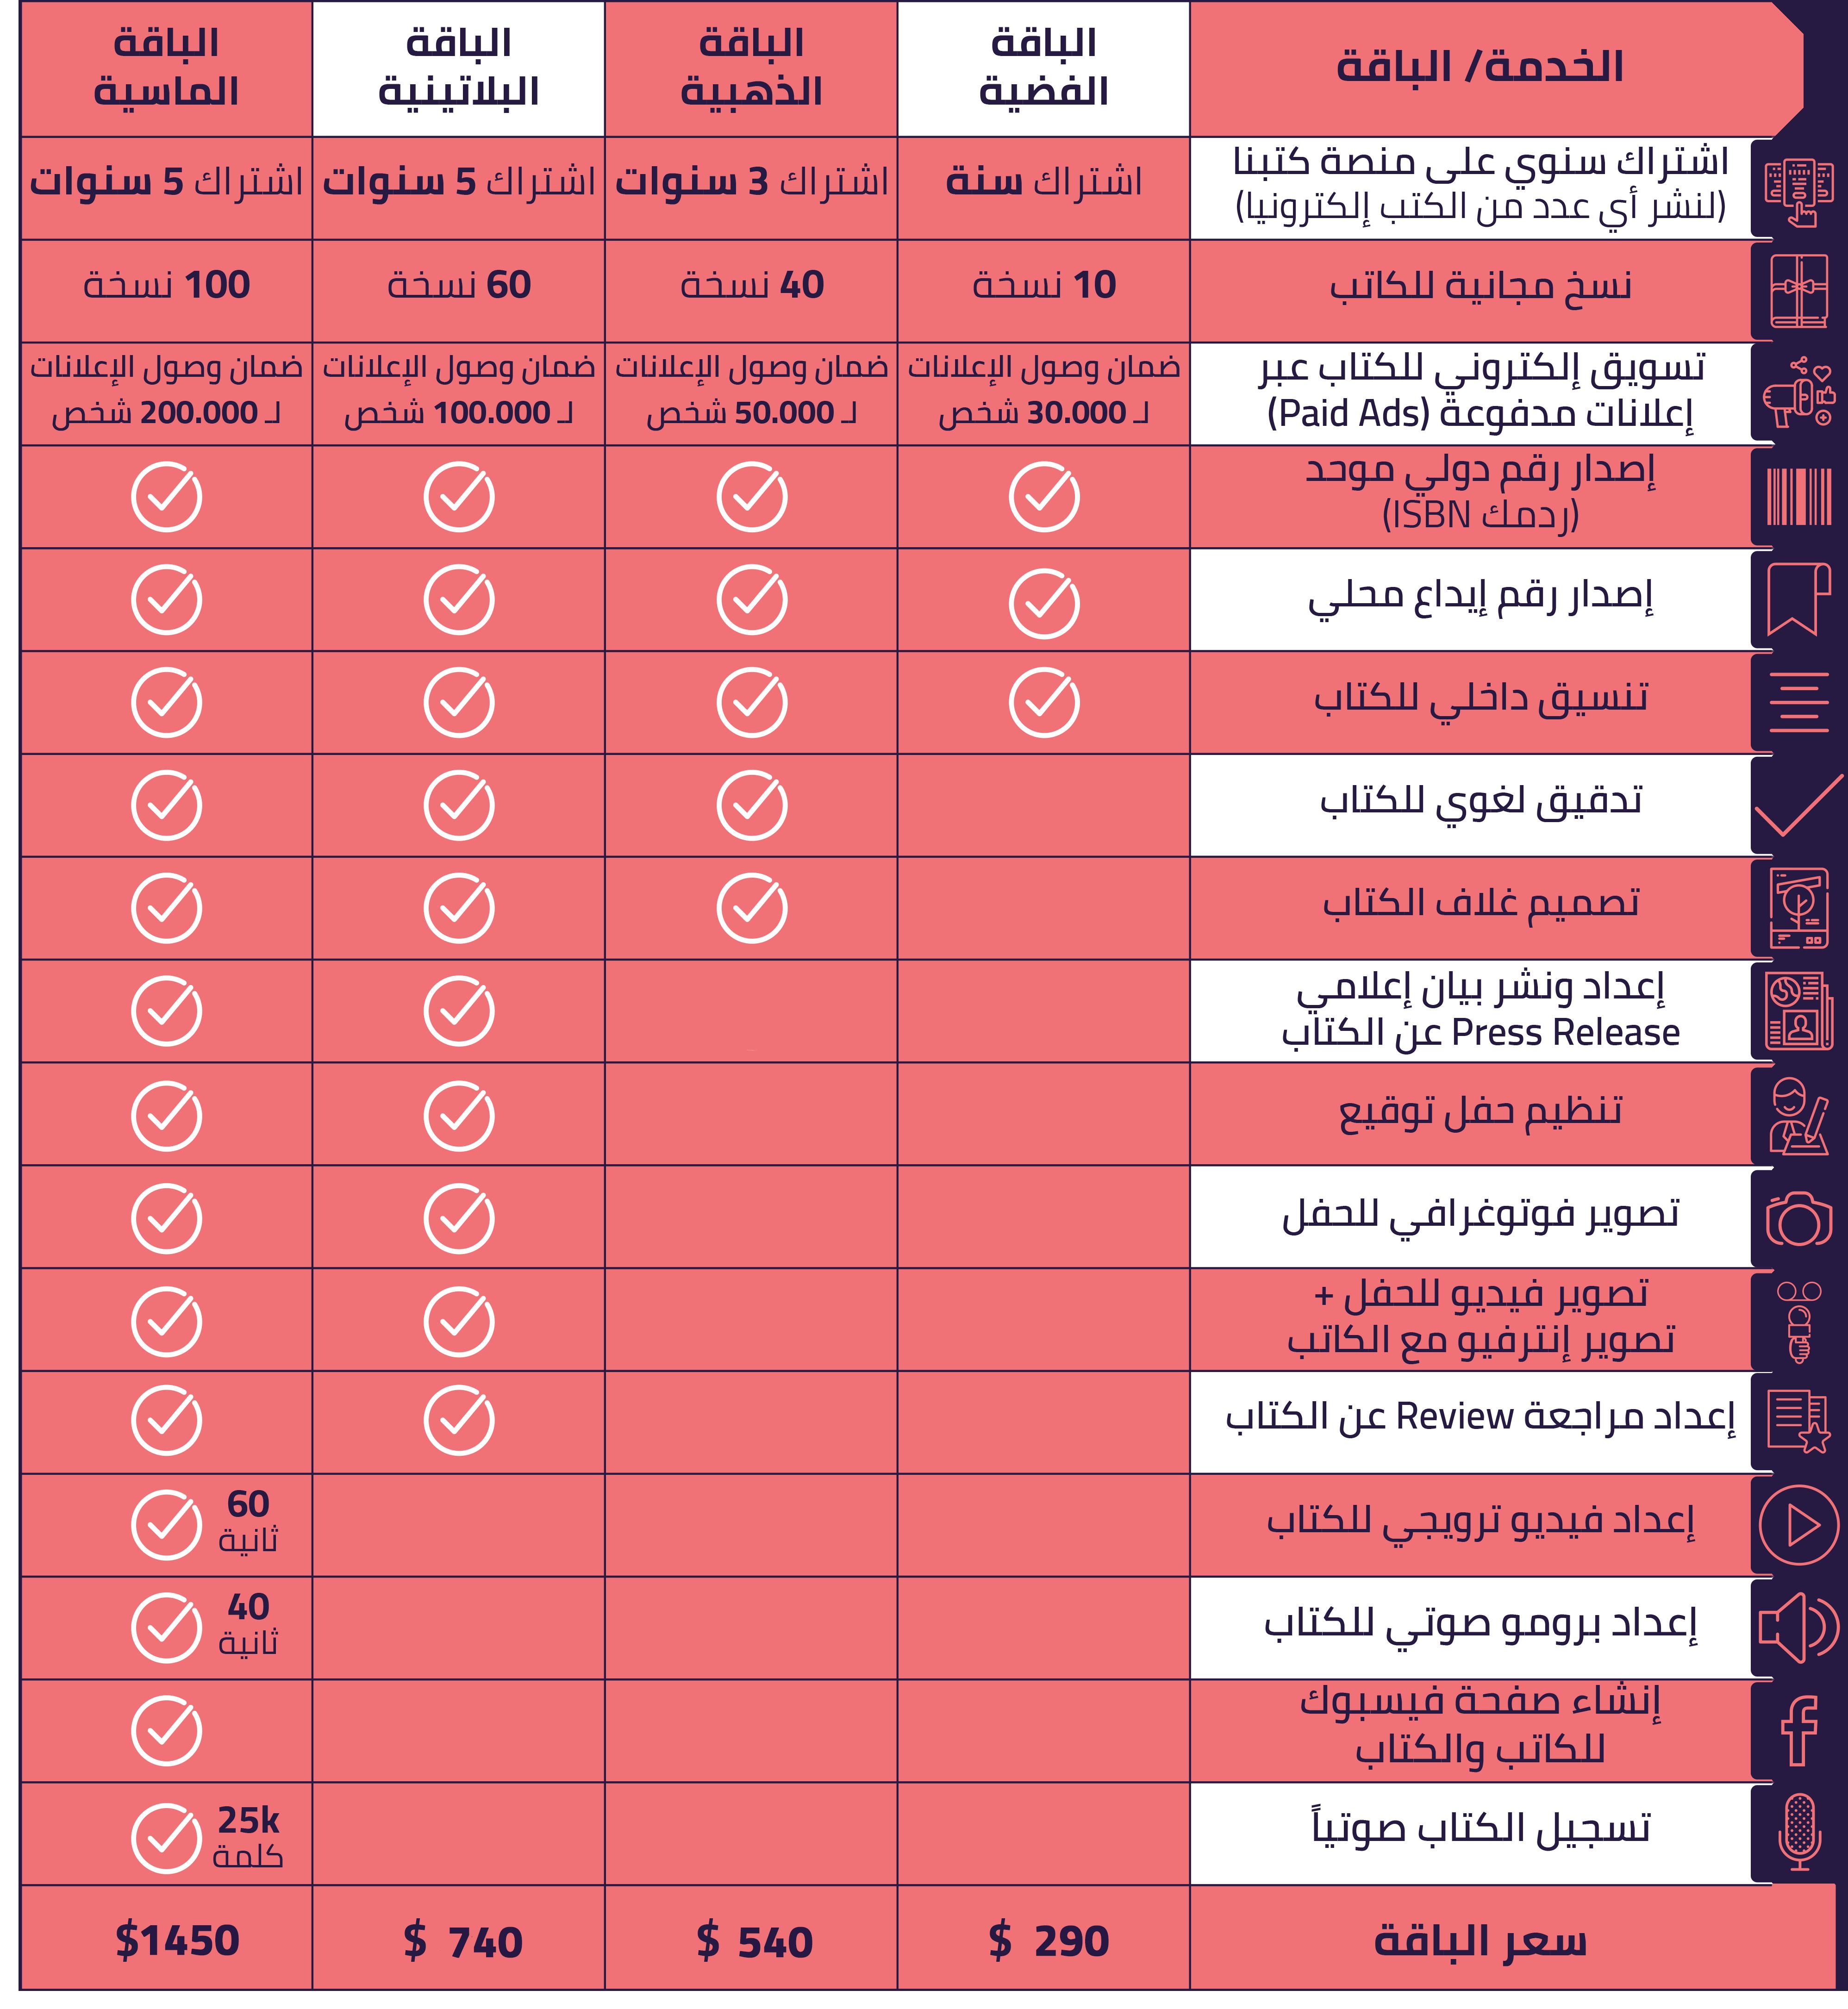 كتبنا: أول منصة نشر شخصي في العالم العربي | المزيد عن خدمة الطباعة ...